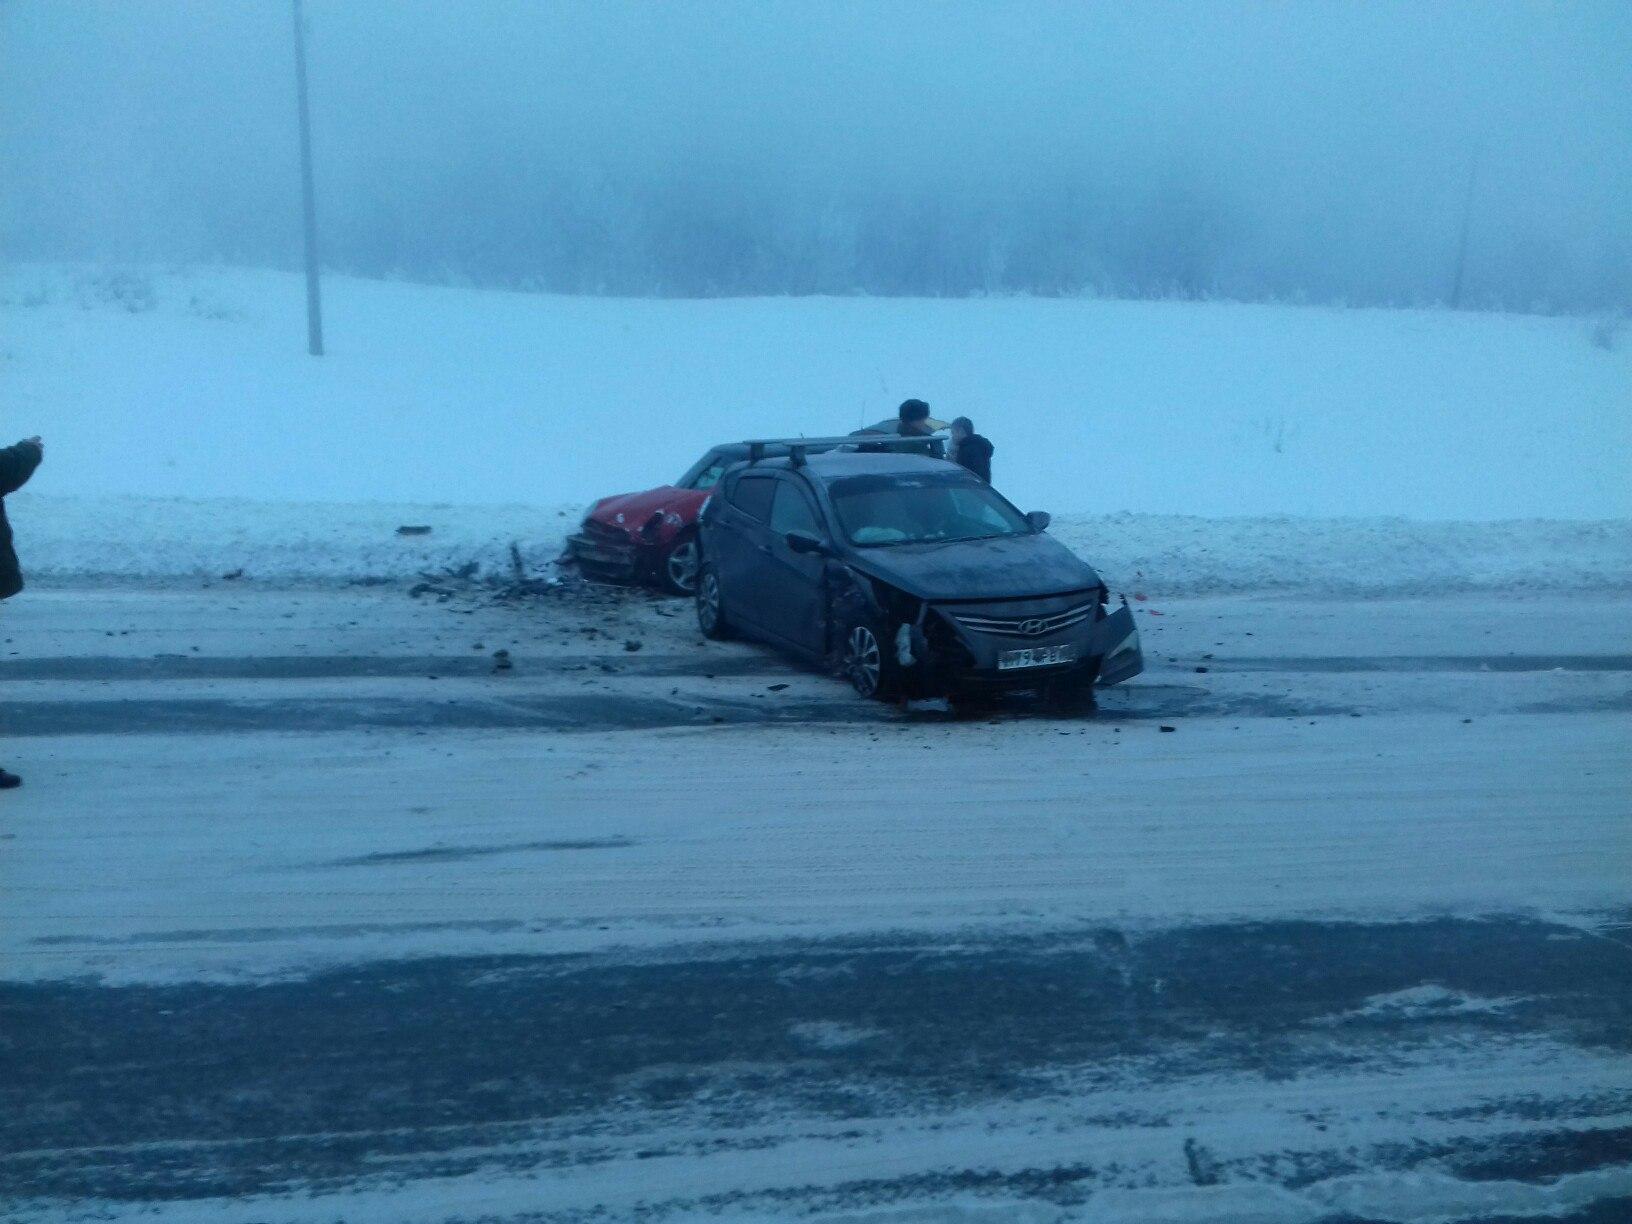 Нгс погода в новосибирске на 10 дня